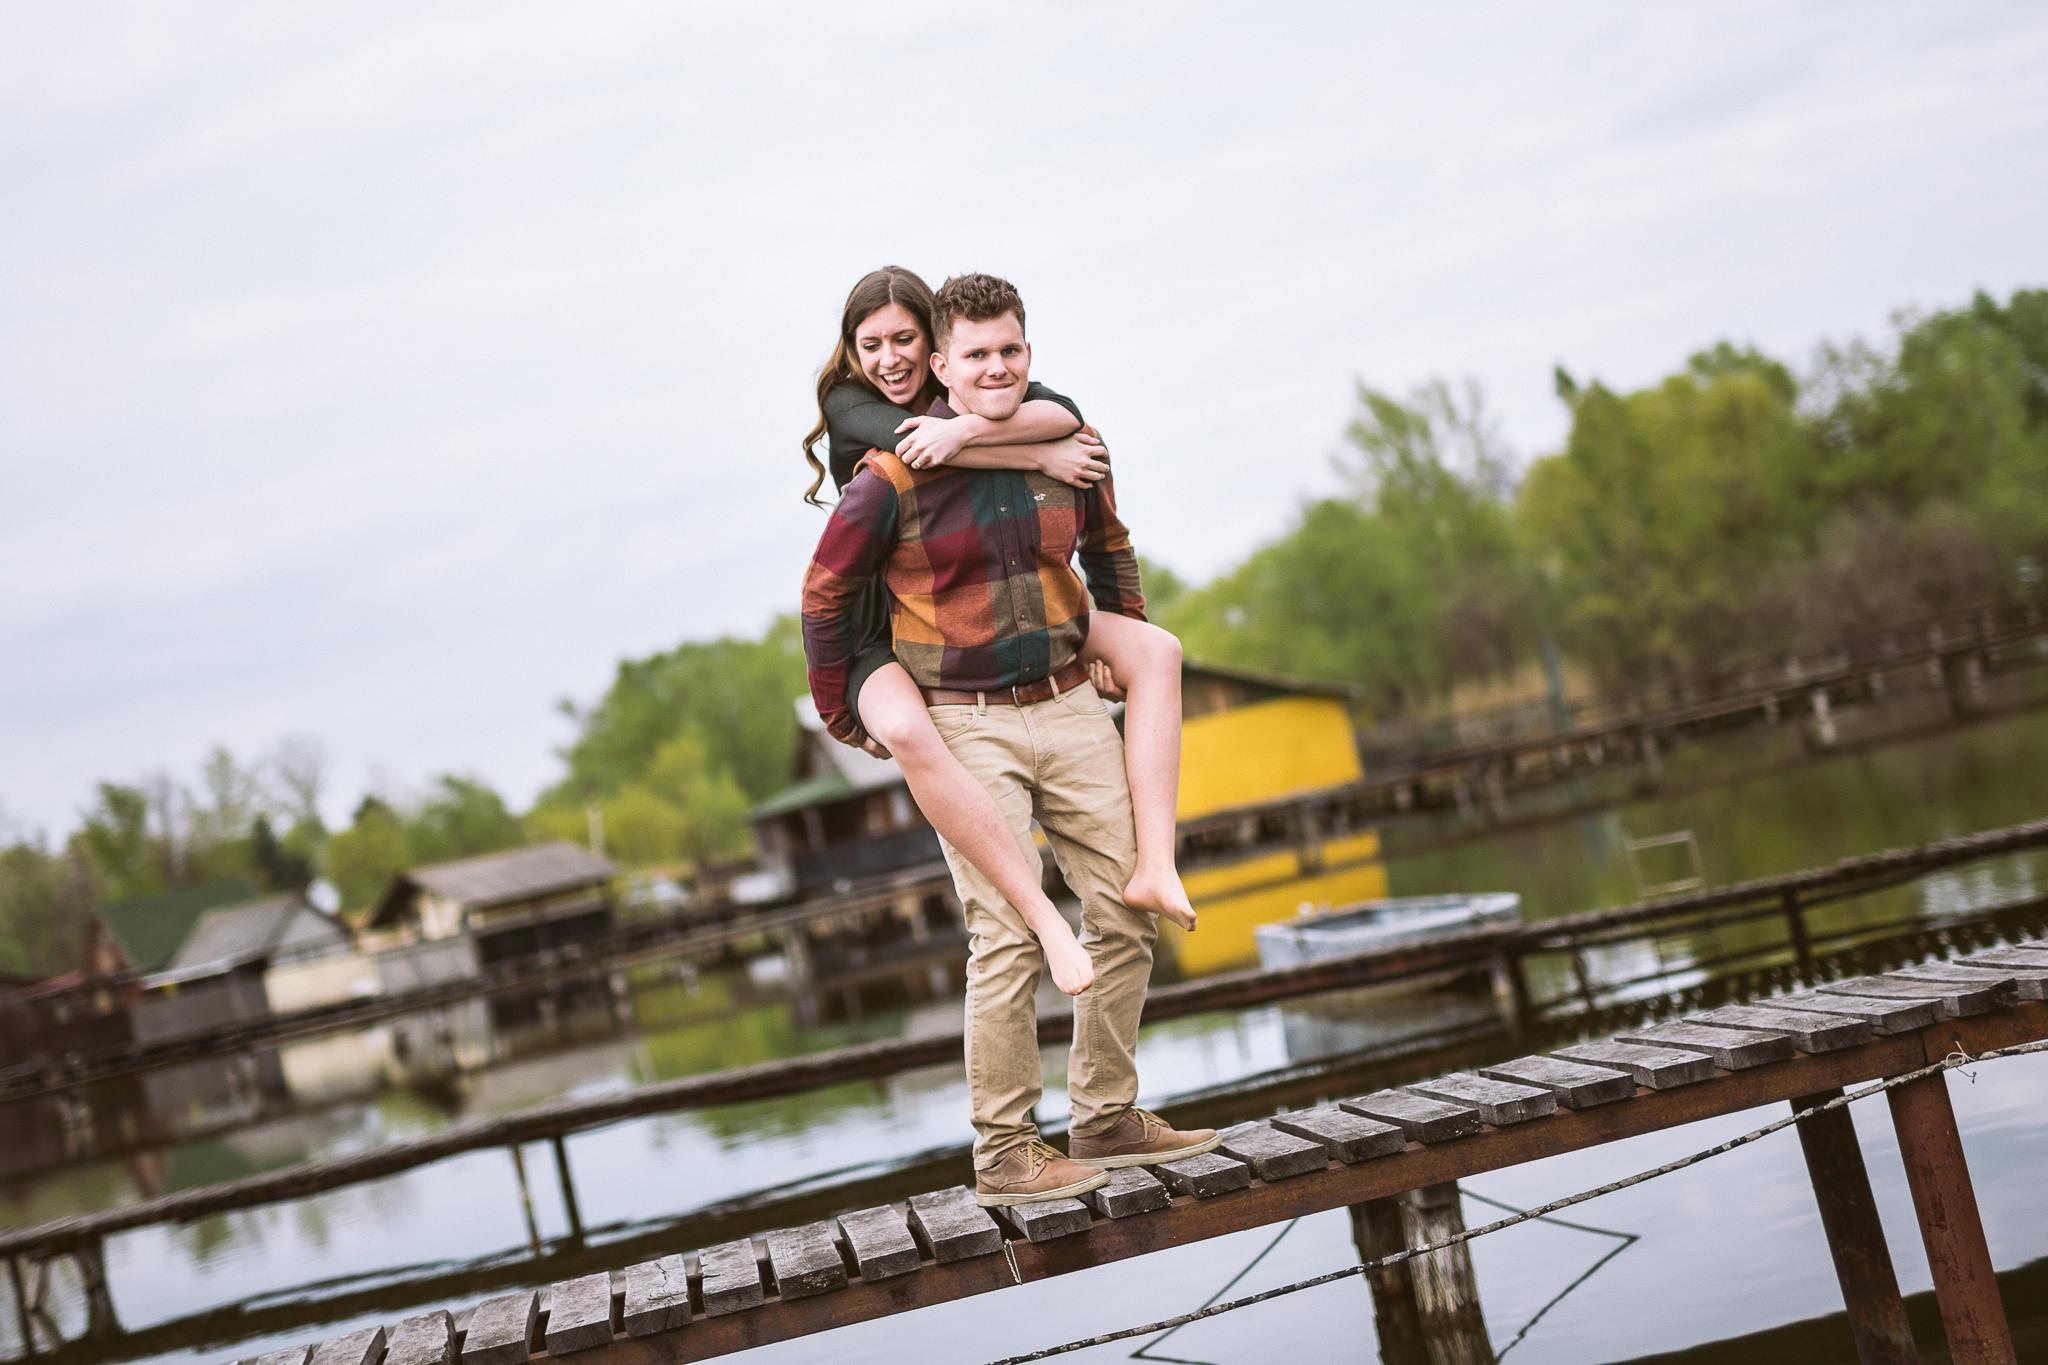 FylepPhoto, esküvőfotózás, magyarország, esküvői fotós, vasmegye, prémium, jegyesfotózás, Fülöp Péter, körmend, kreatív, Bokod, Budapest 14.jpg